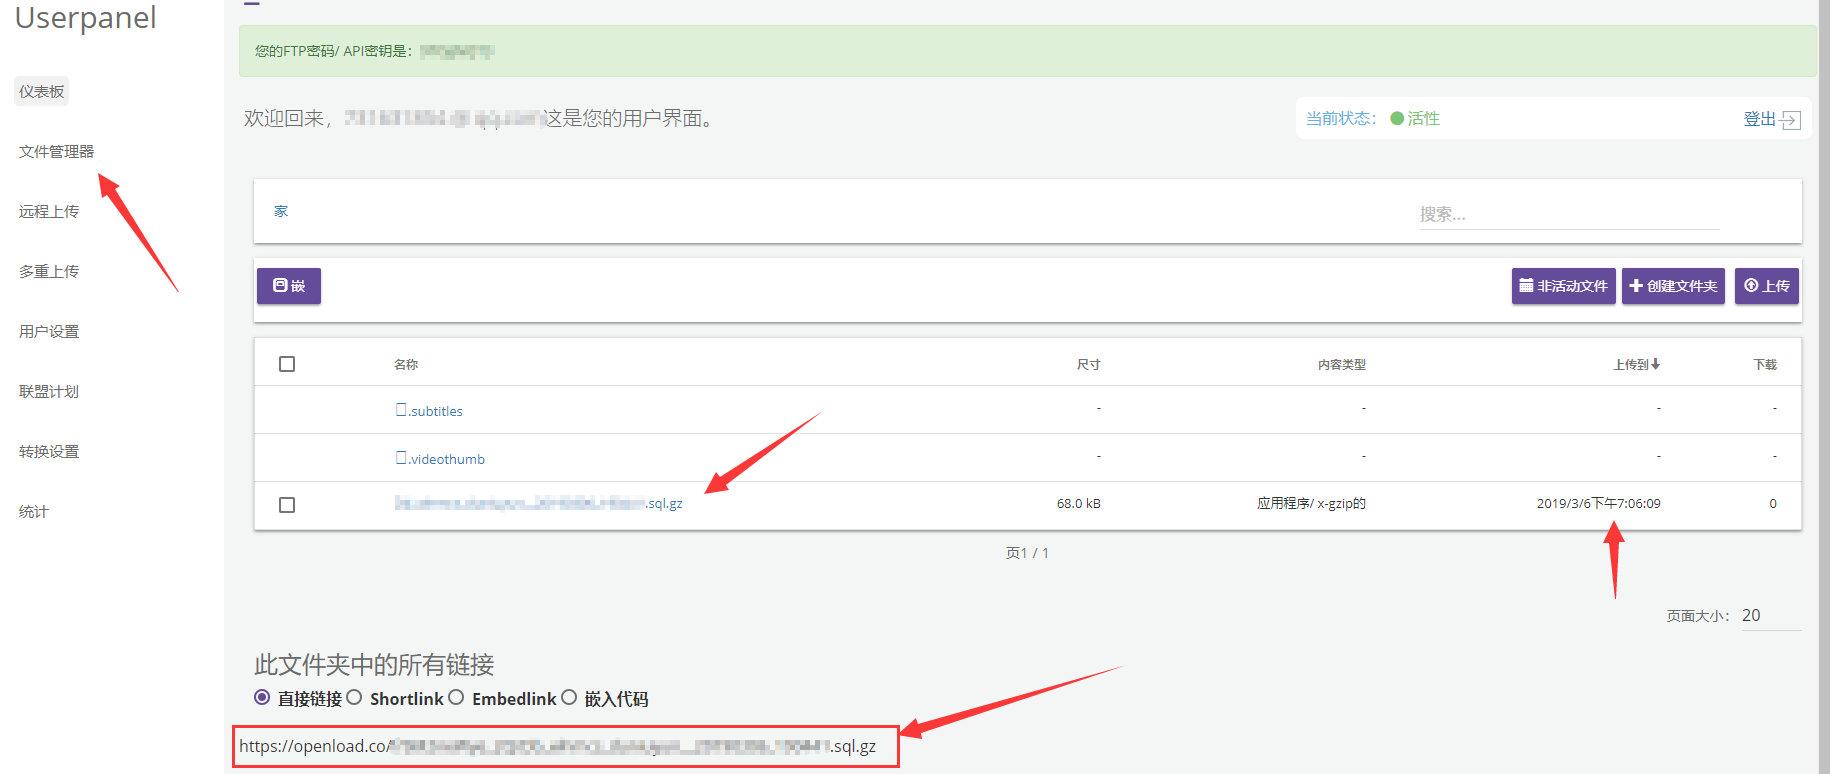 利用Openload每日免费自动备份网站/数据库 附宝塔面板实操详细教程 建站笔记 第9张